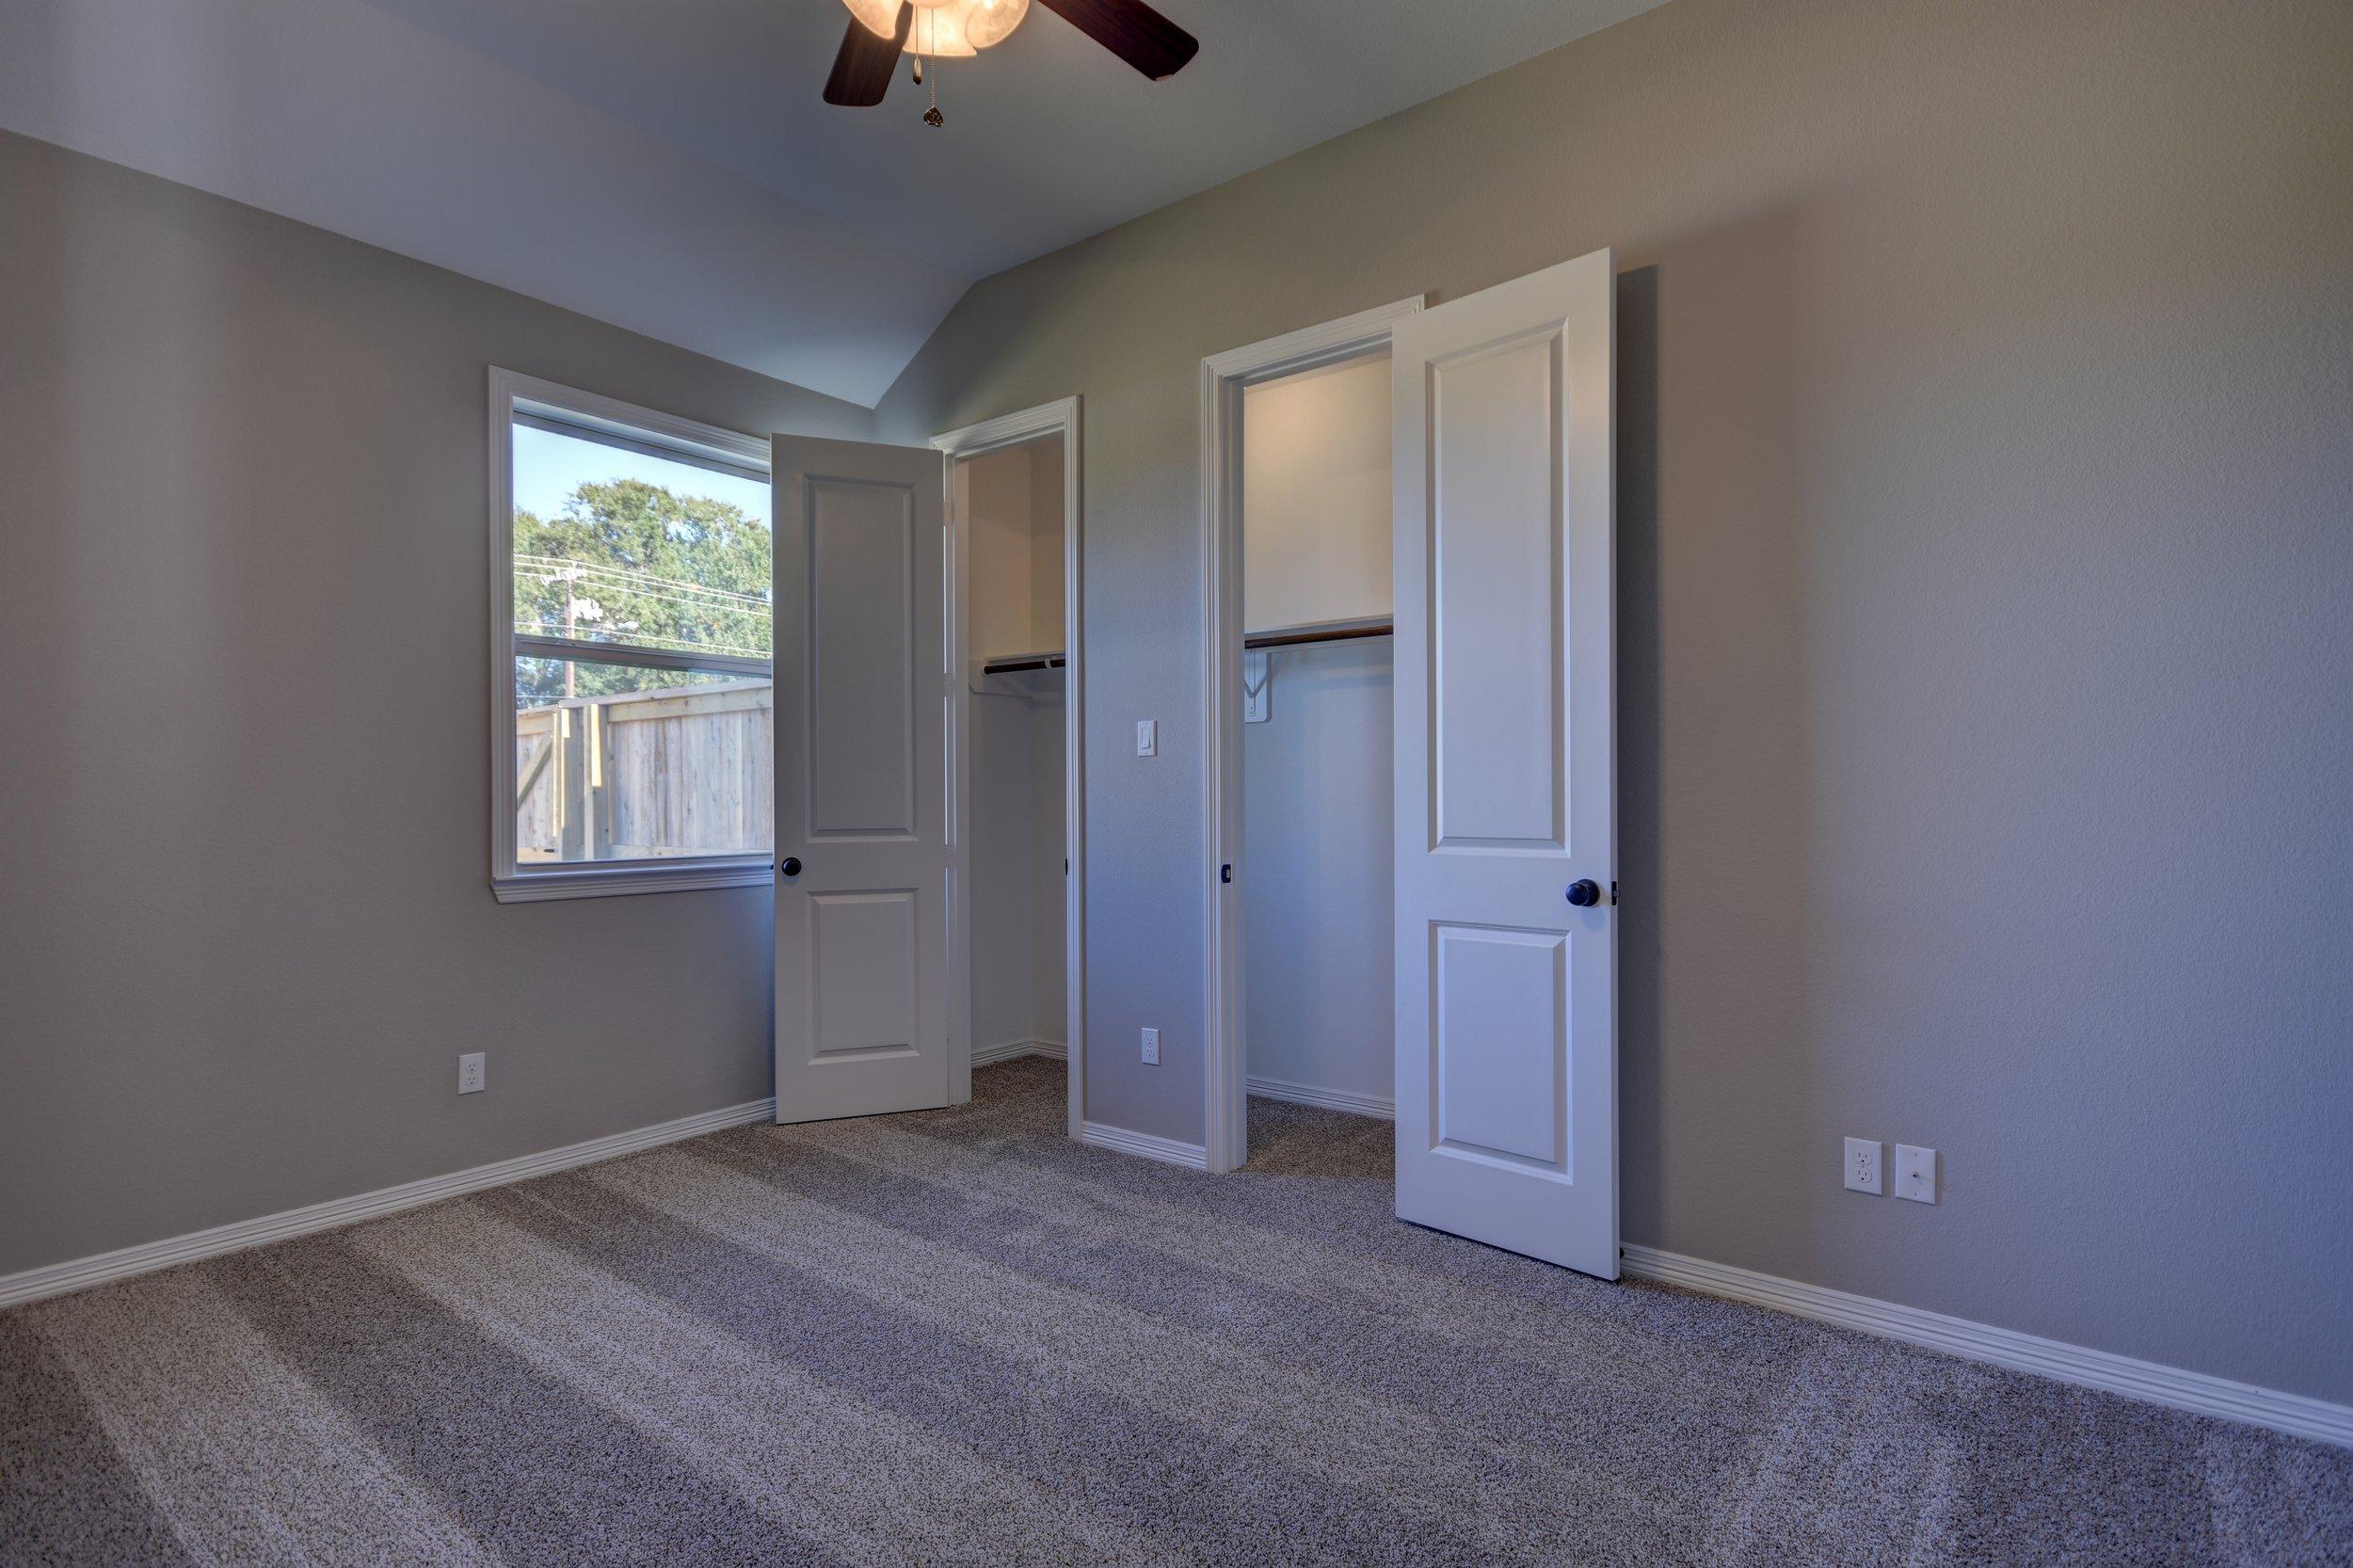 Bedroom 2 A - Closets Open.jpg